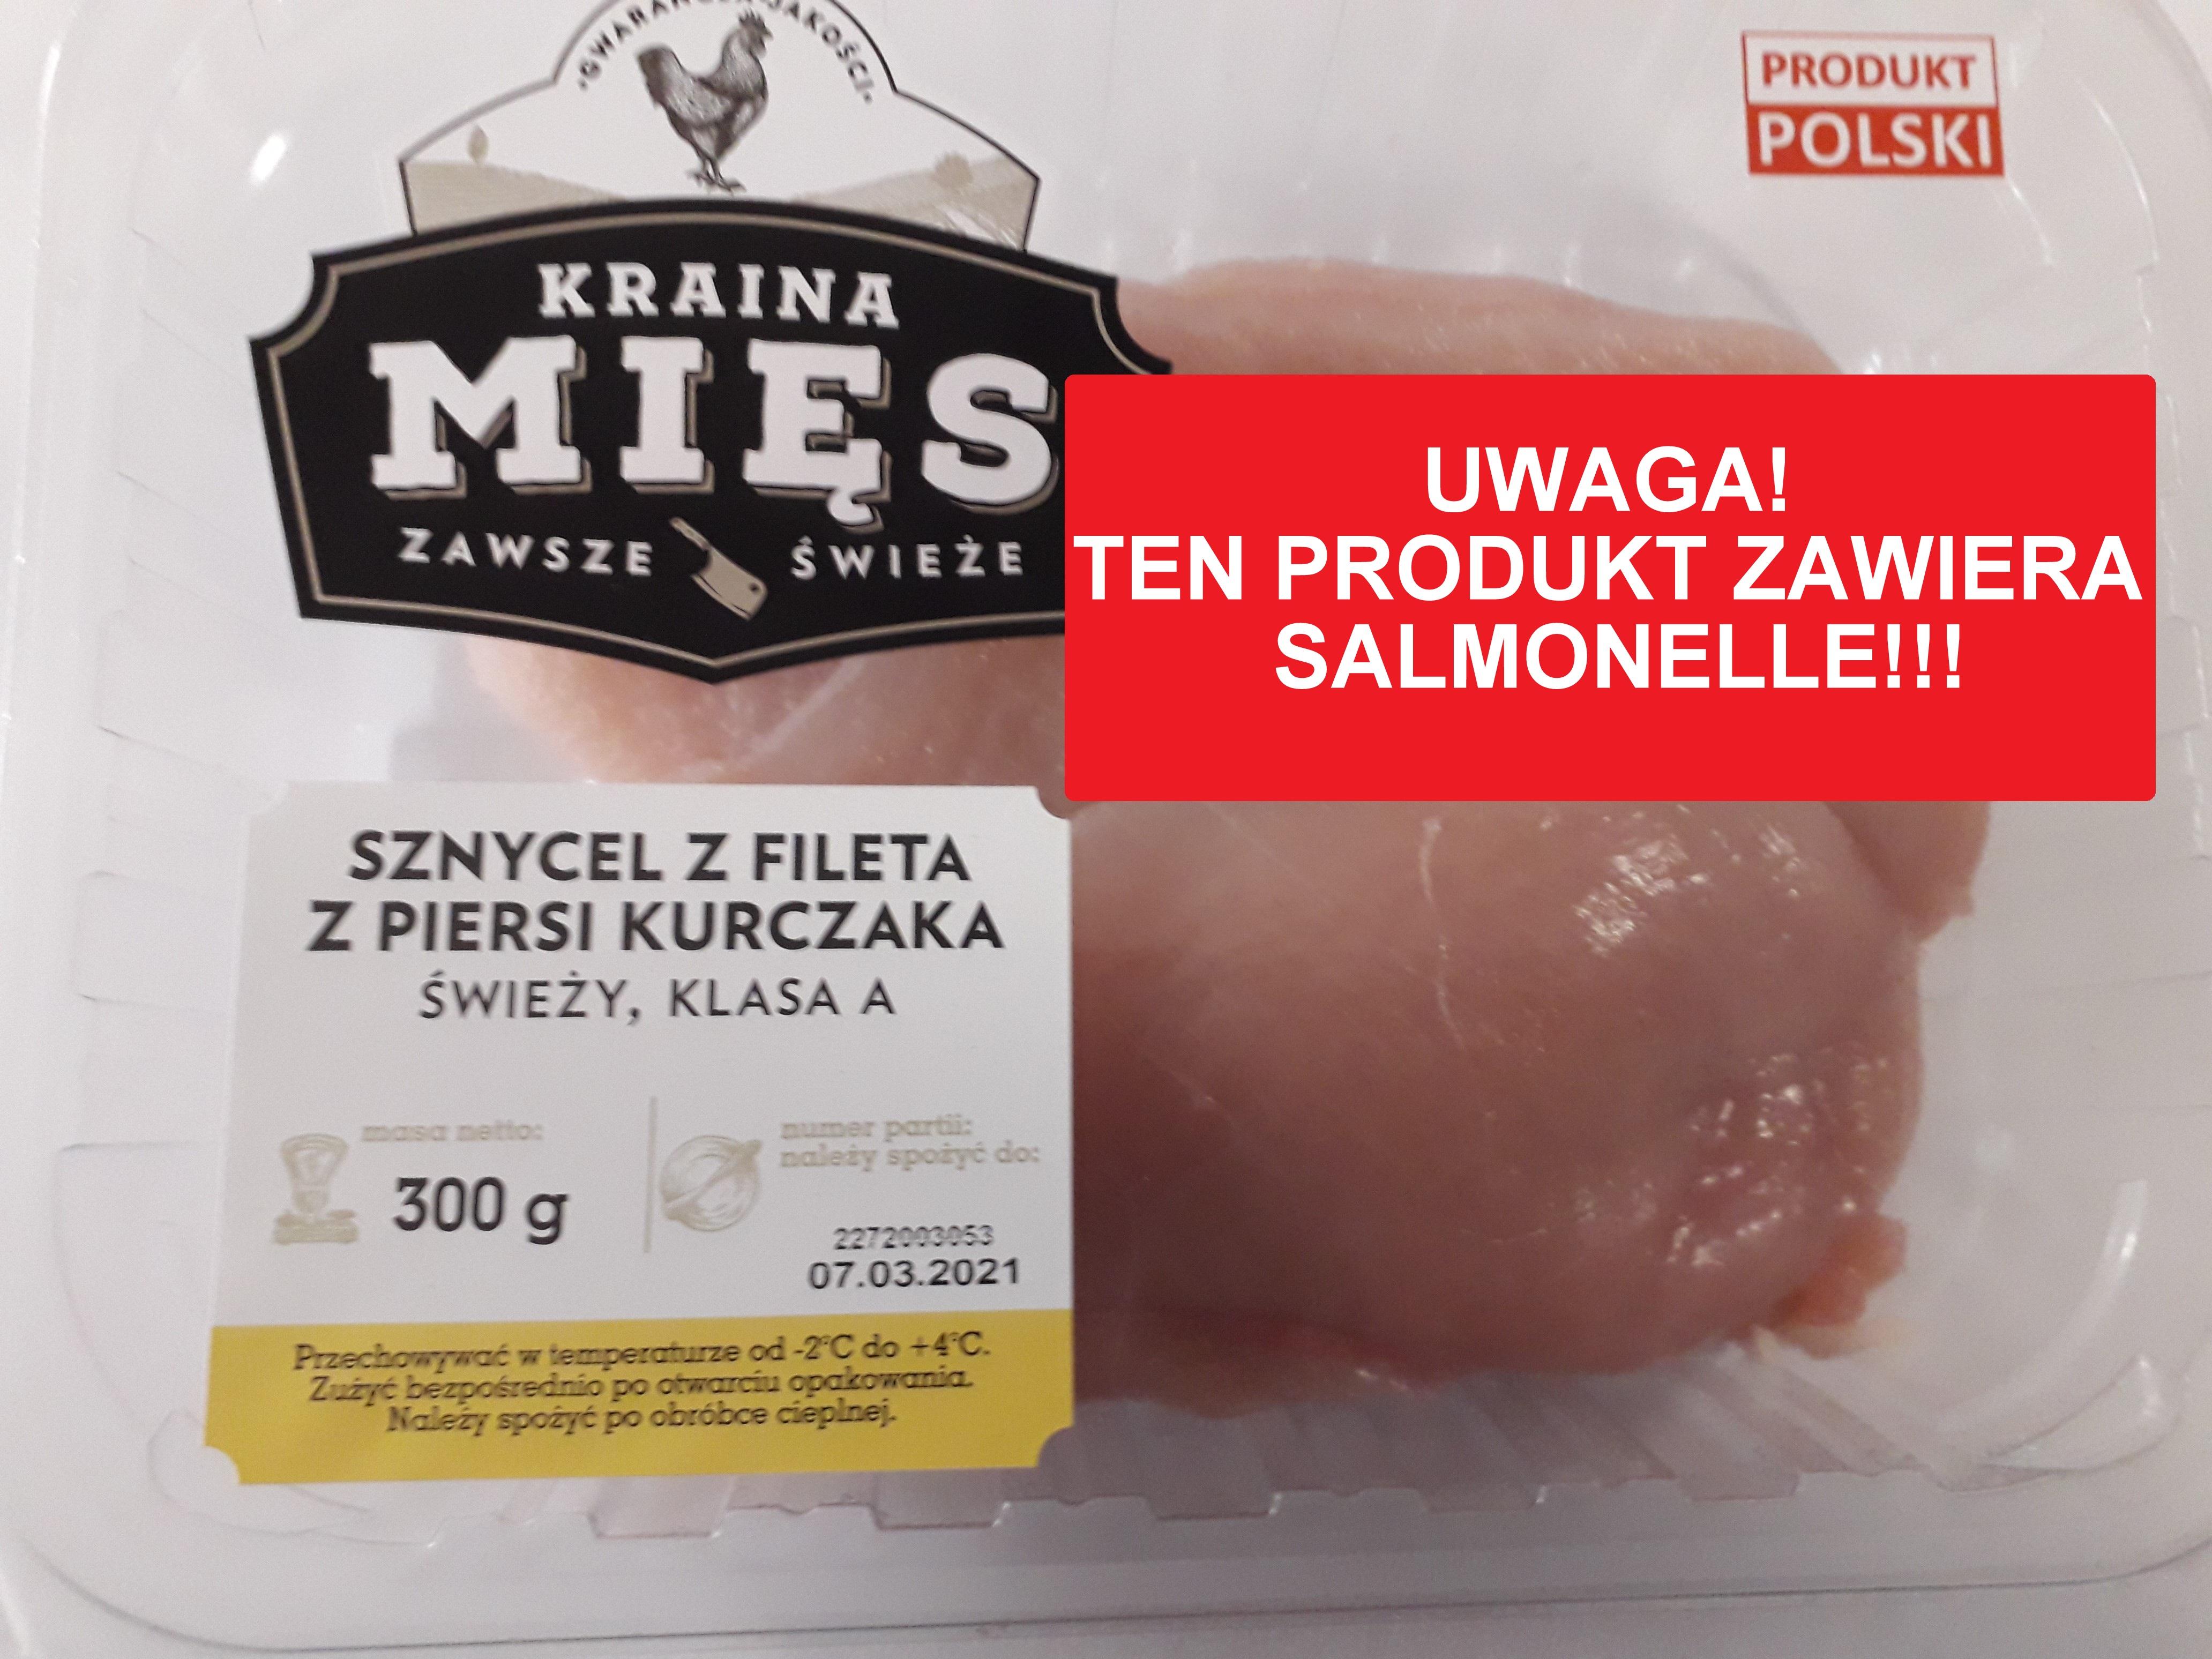 UWAGA! Filety z kurczaka z Salmonellą! Jeśli je kupiłeś, wyrzuć bezwzględnie! - Zdjęcie główne